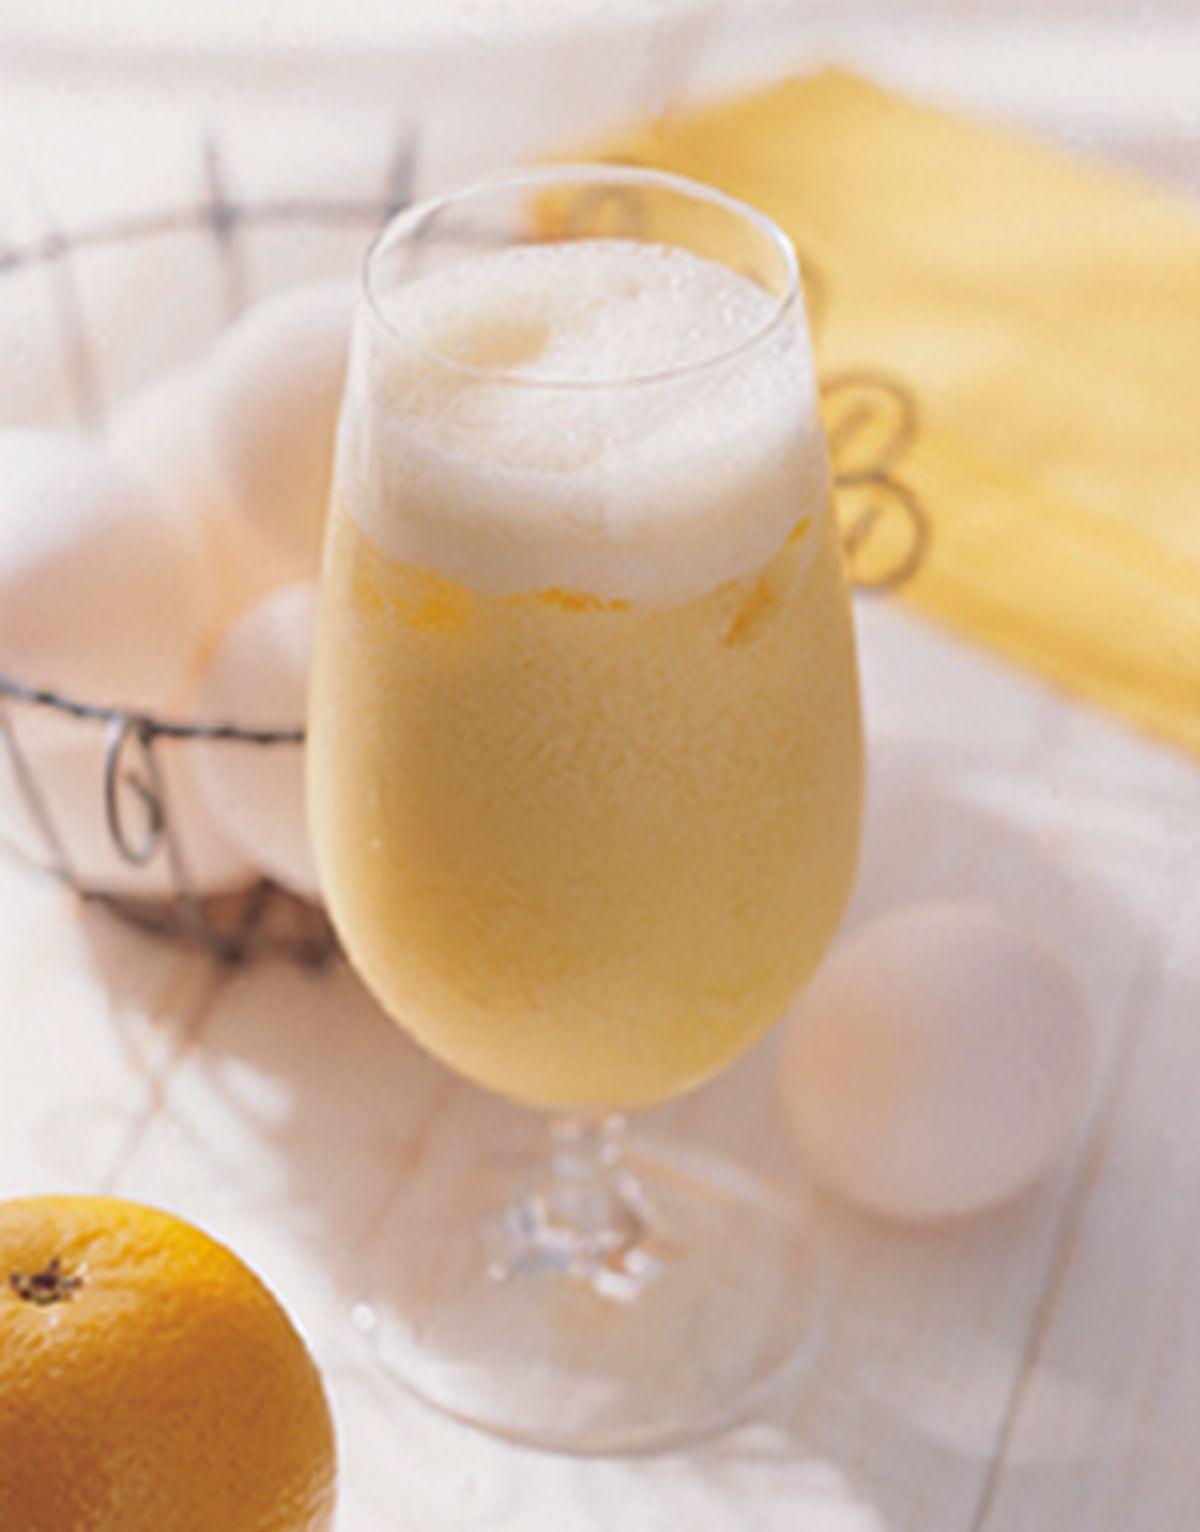 食譜:柳橙蛋蜜汁